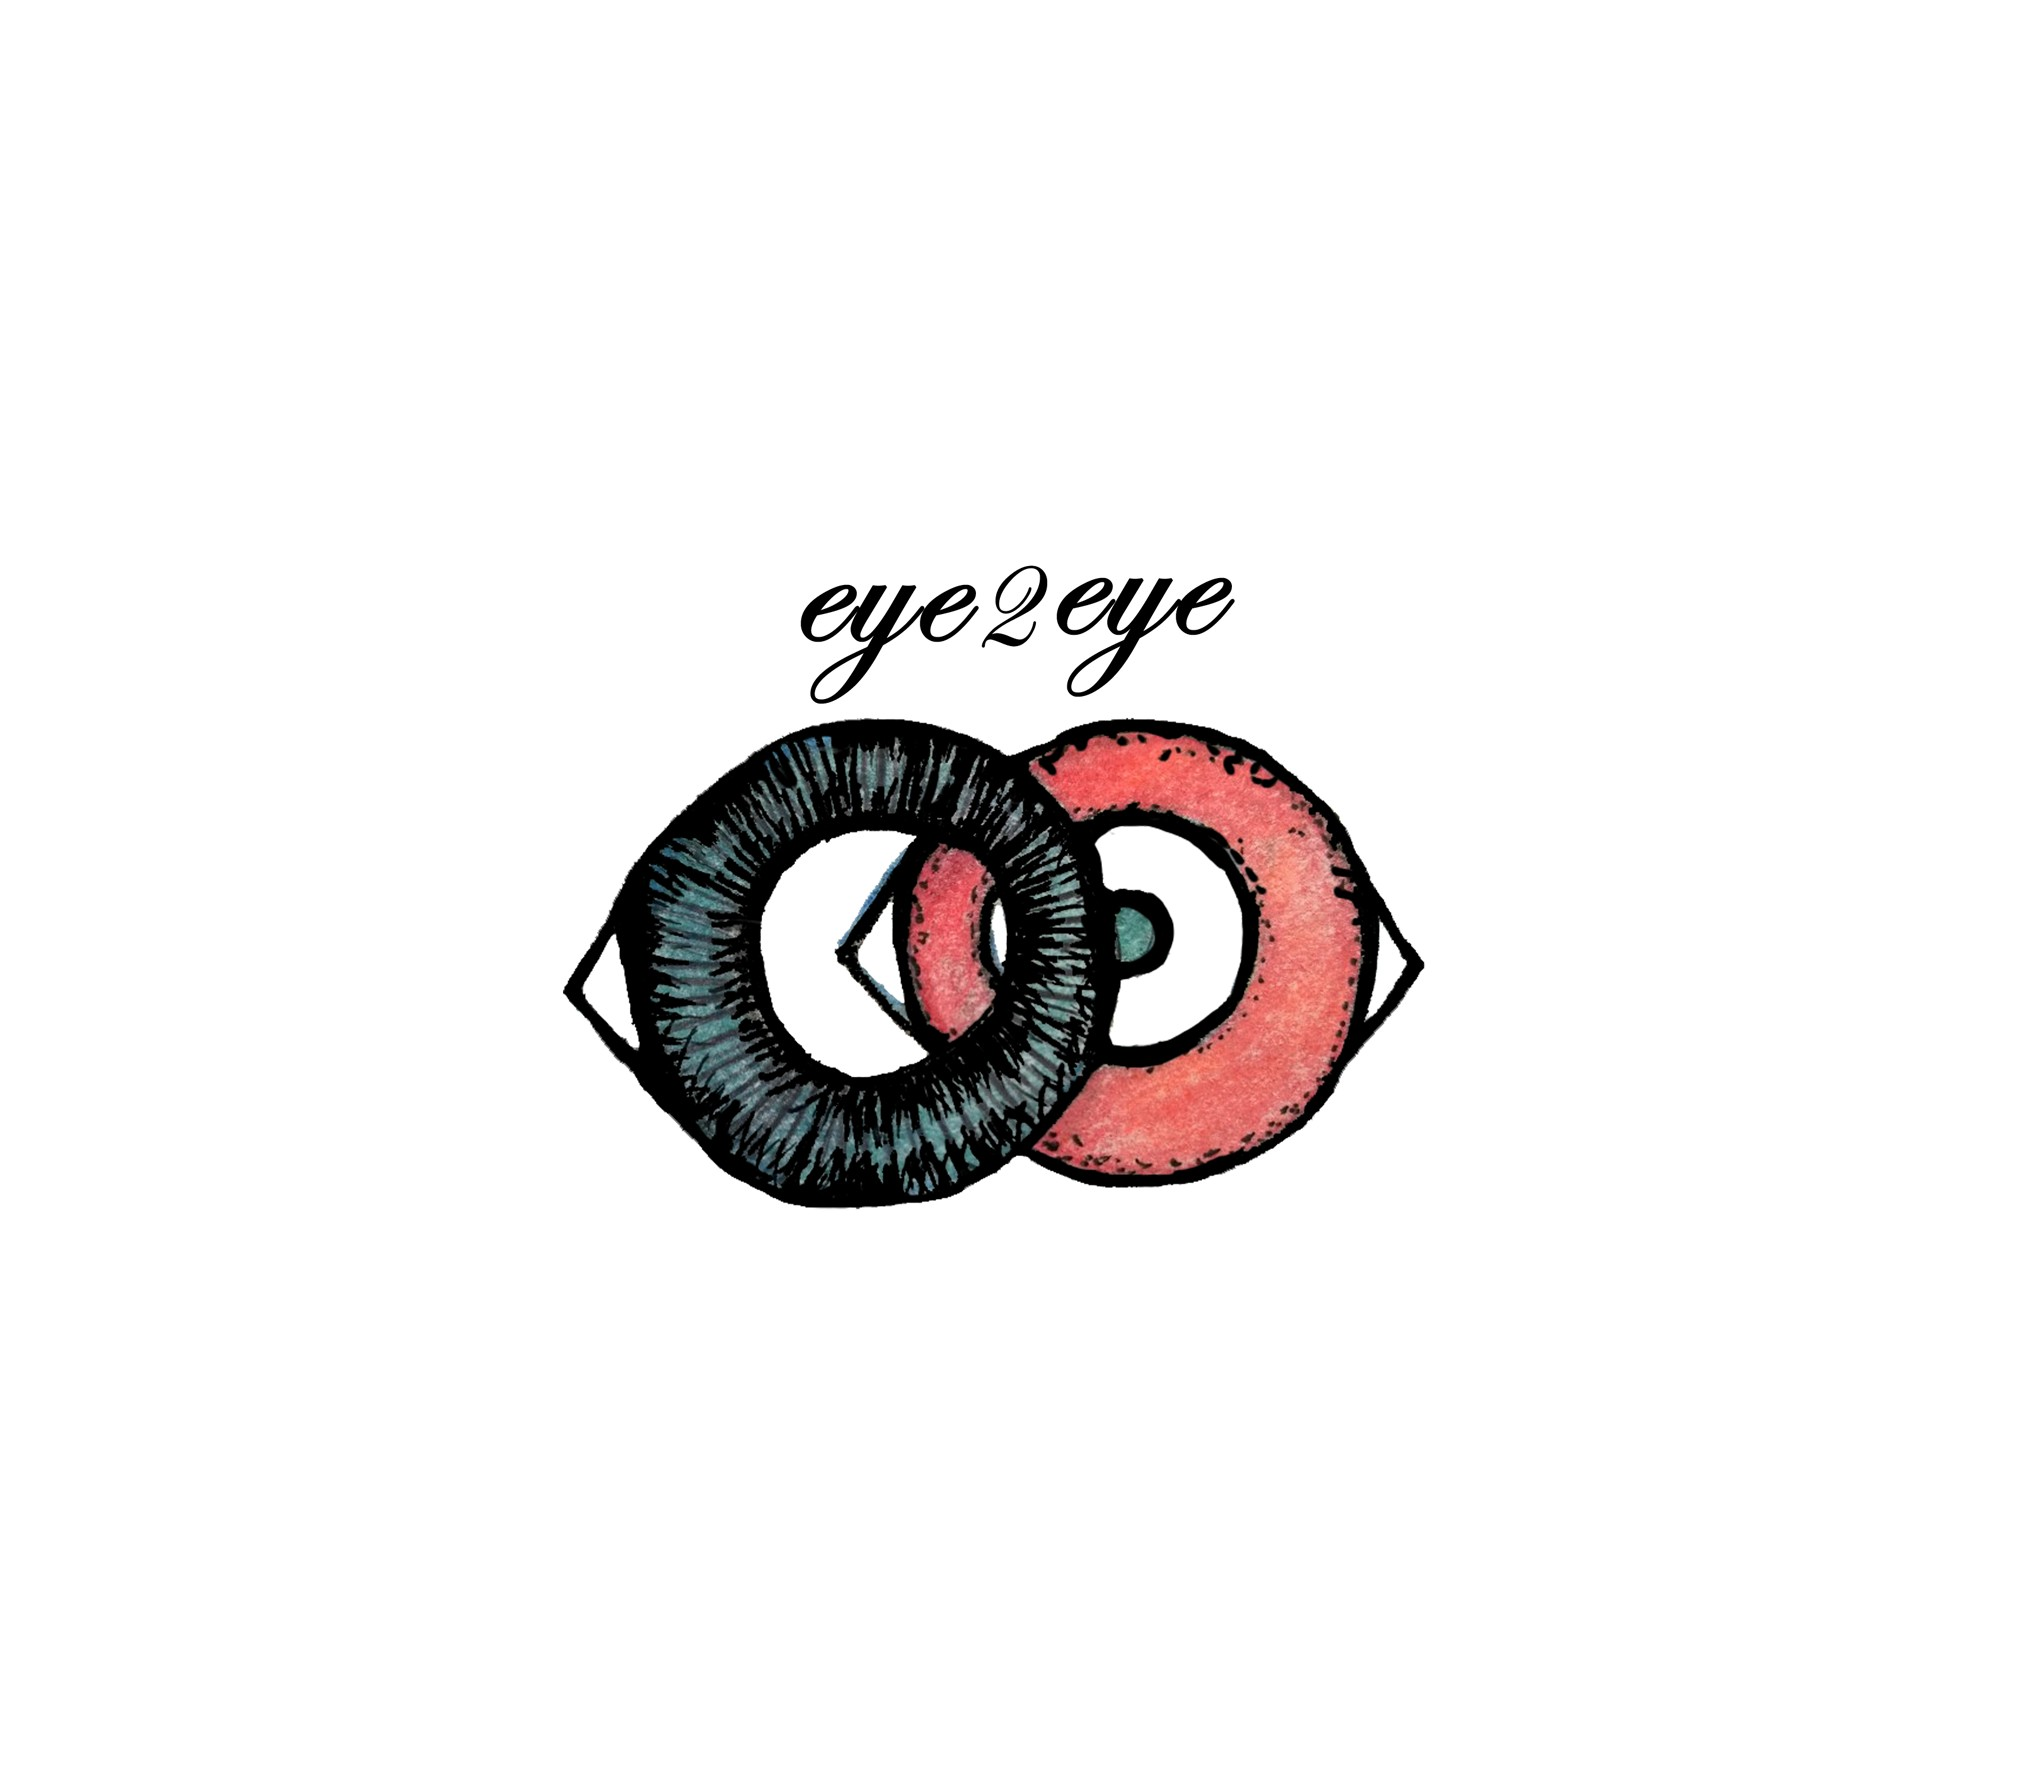 Eye2eye logo